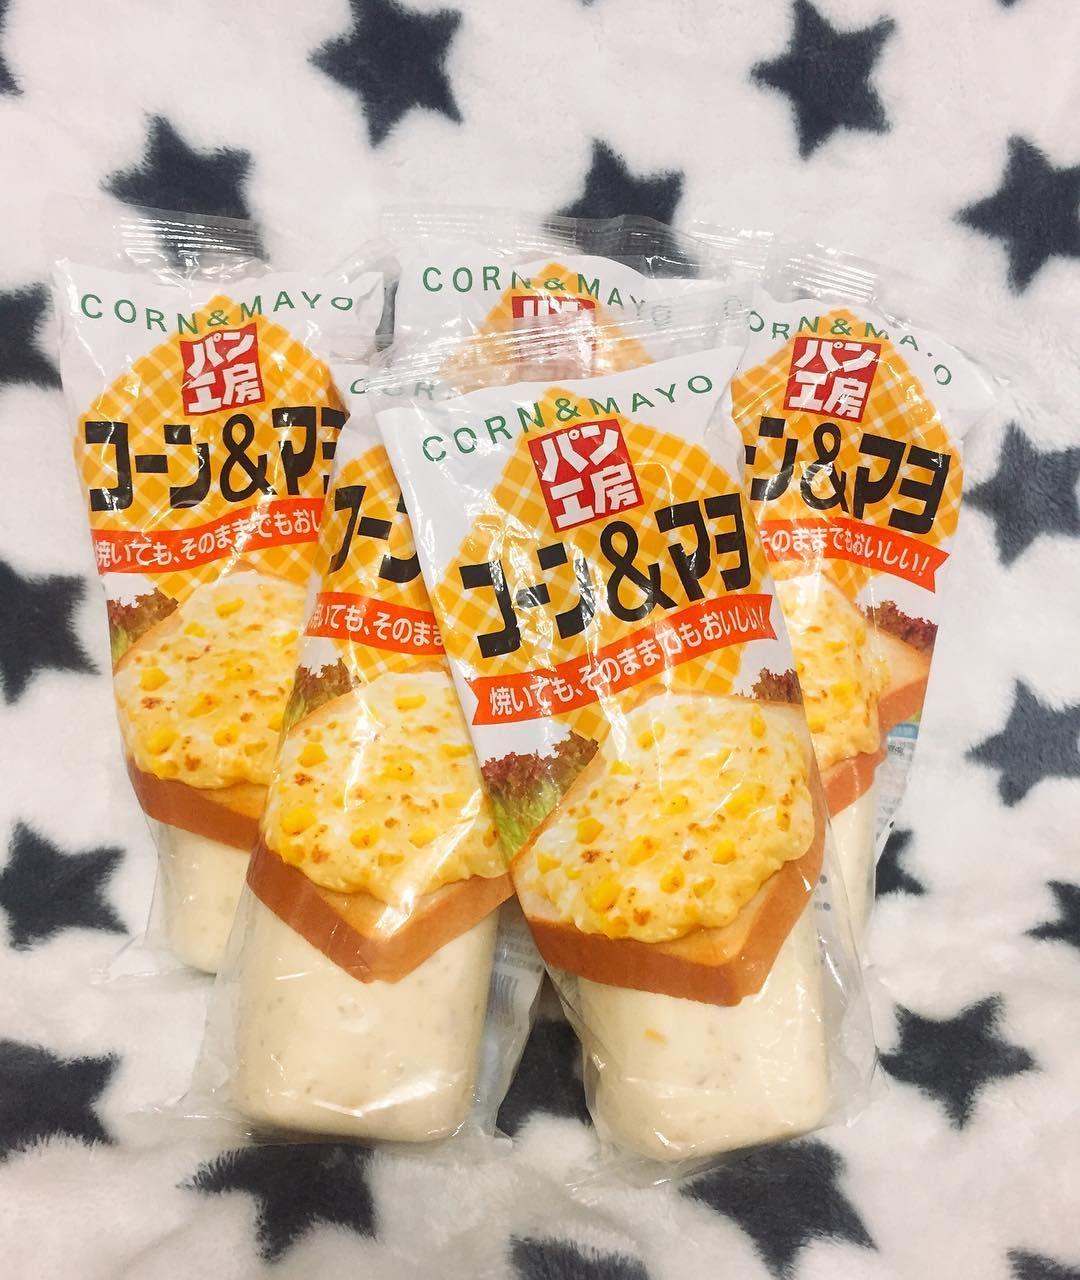 . 내사랑 콘마요 스프레드 식빵에 쓱쓱 오븐에 살짝구워도 되고. 그냥 먹어도 완전 꿀맛!! by seonah_kkk